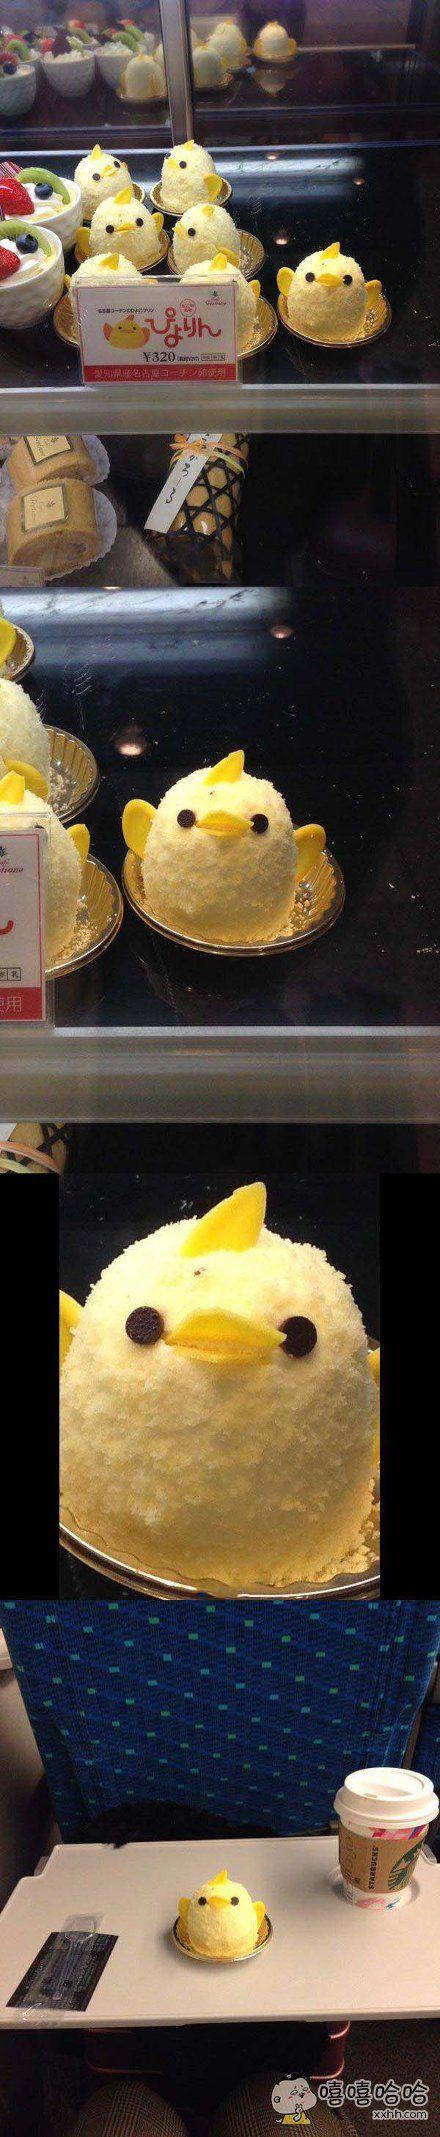 日本妹子选择这只小黄鸡布丁的理由。7只小黄鸡中只有它通过眼神在呐喊:选我!选我!!快选我!于是就选了它。